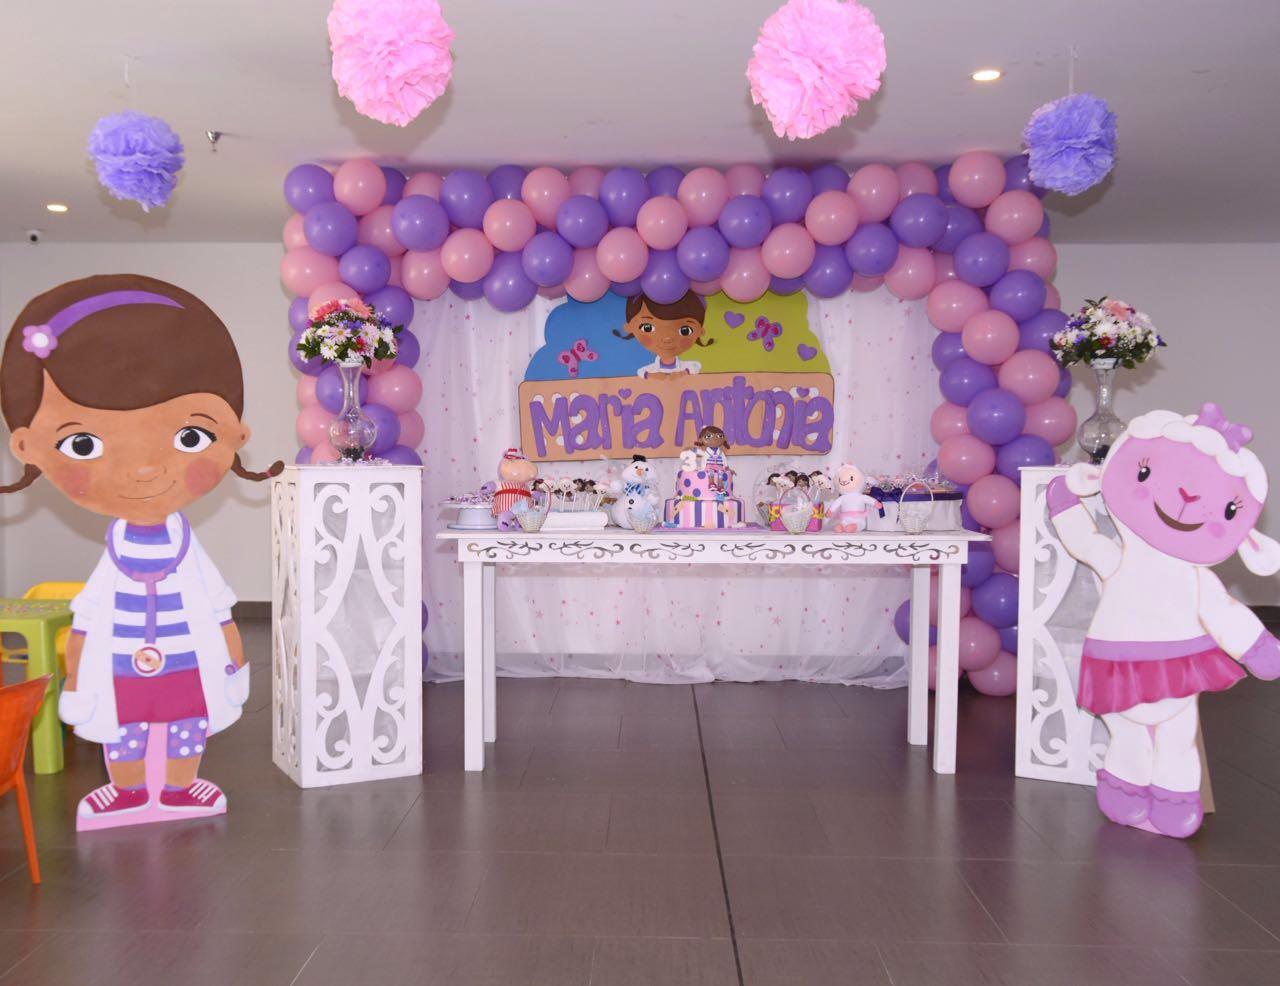 Beula decoraciones decoracion de eventos tematicos e - Decoracion de cumpleanos infantiles ...